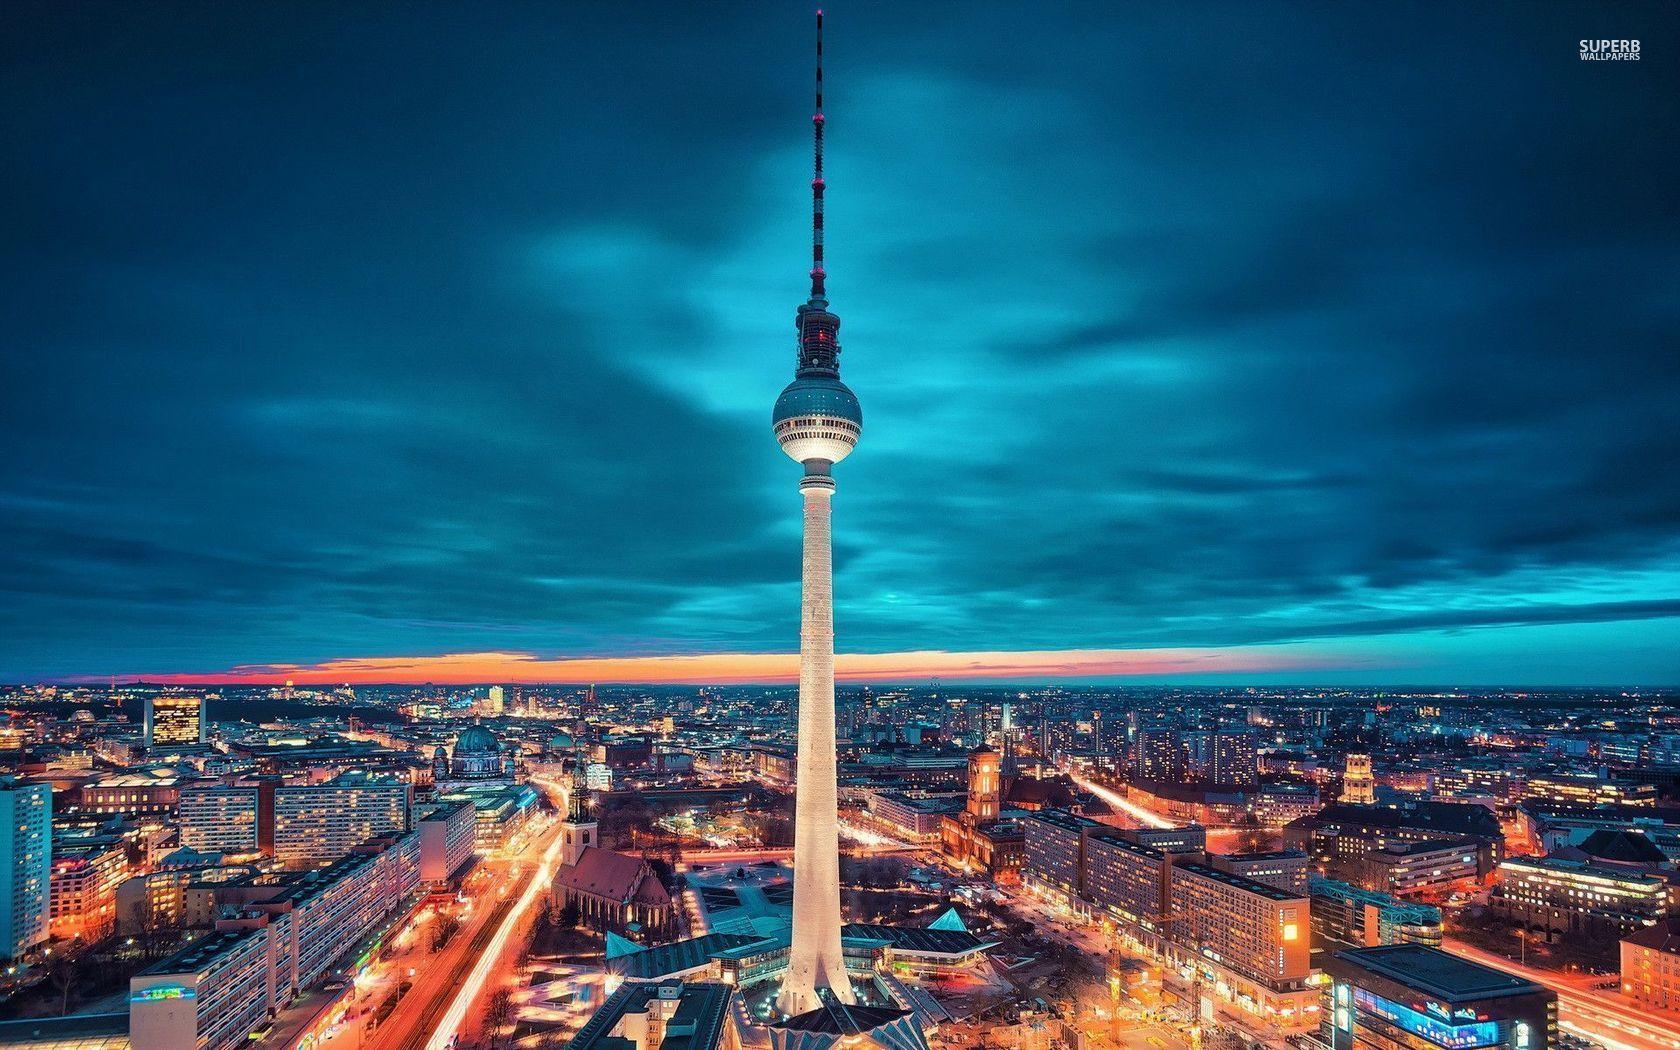 Fernsehturm Berlin wallpaper 1680x1050